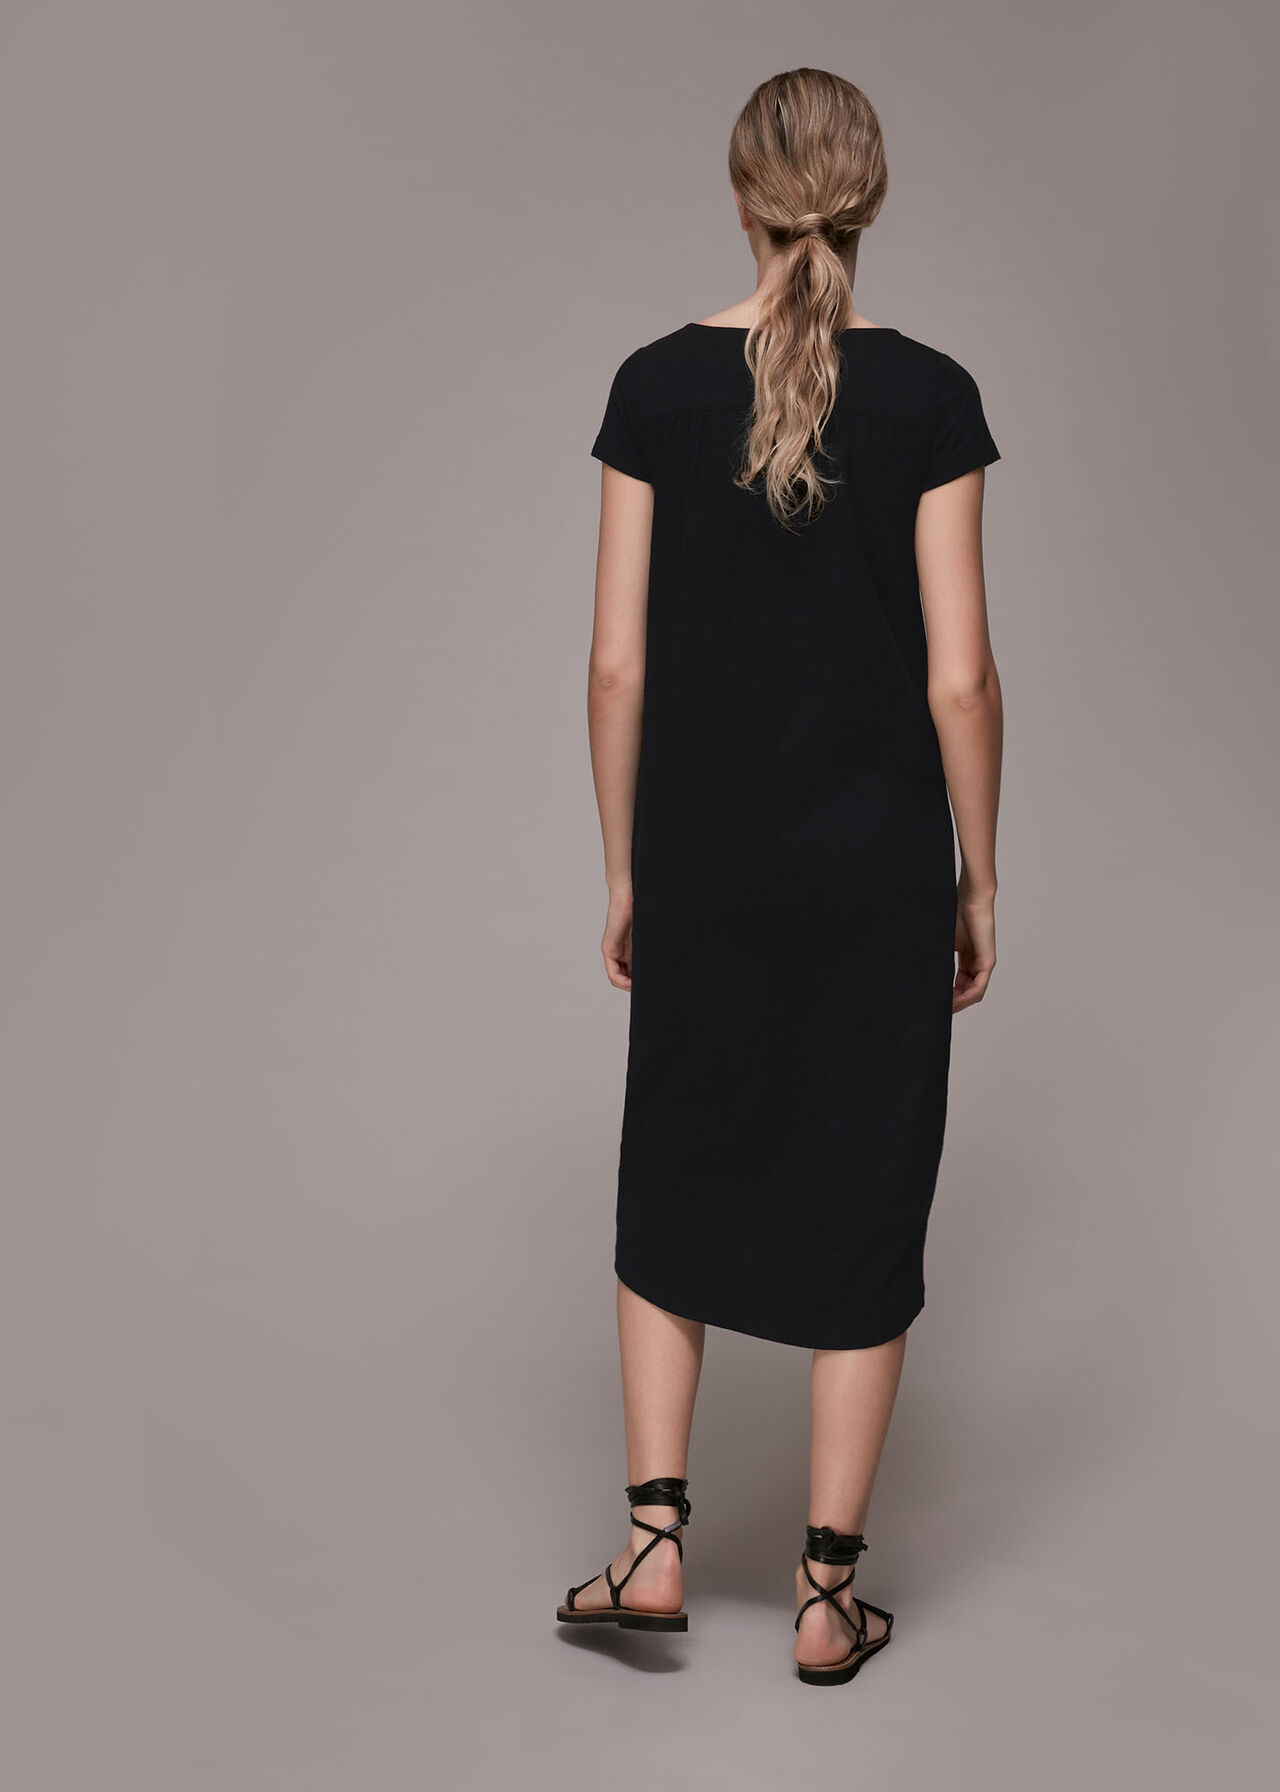 Leonie Button Through Dress